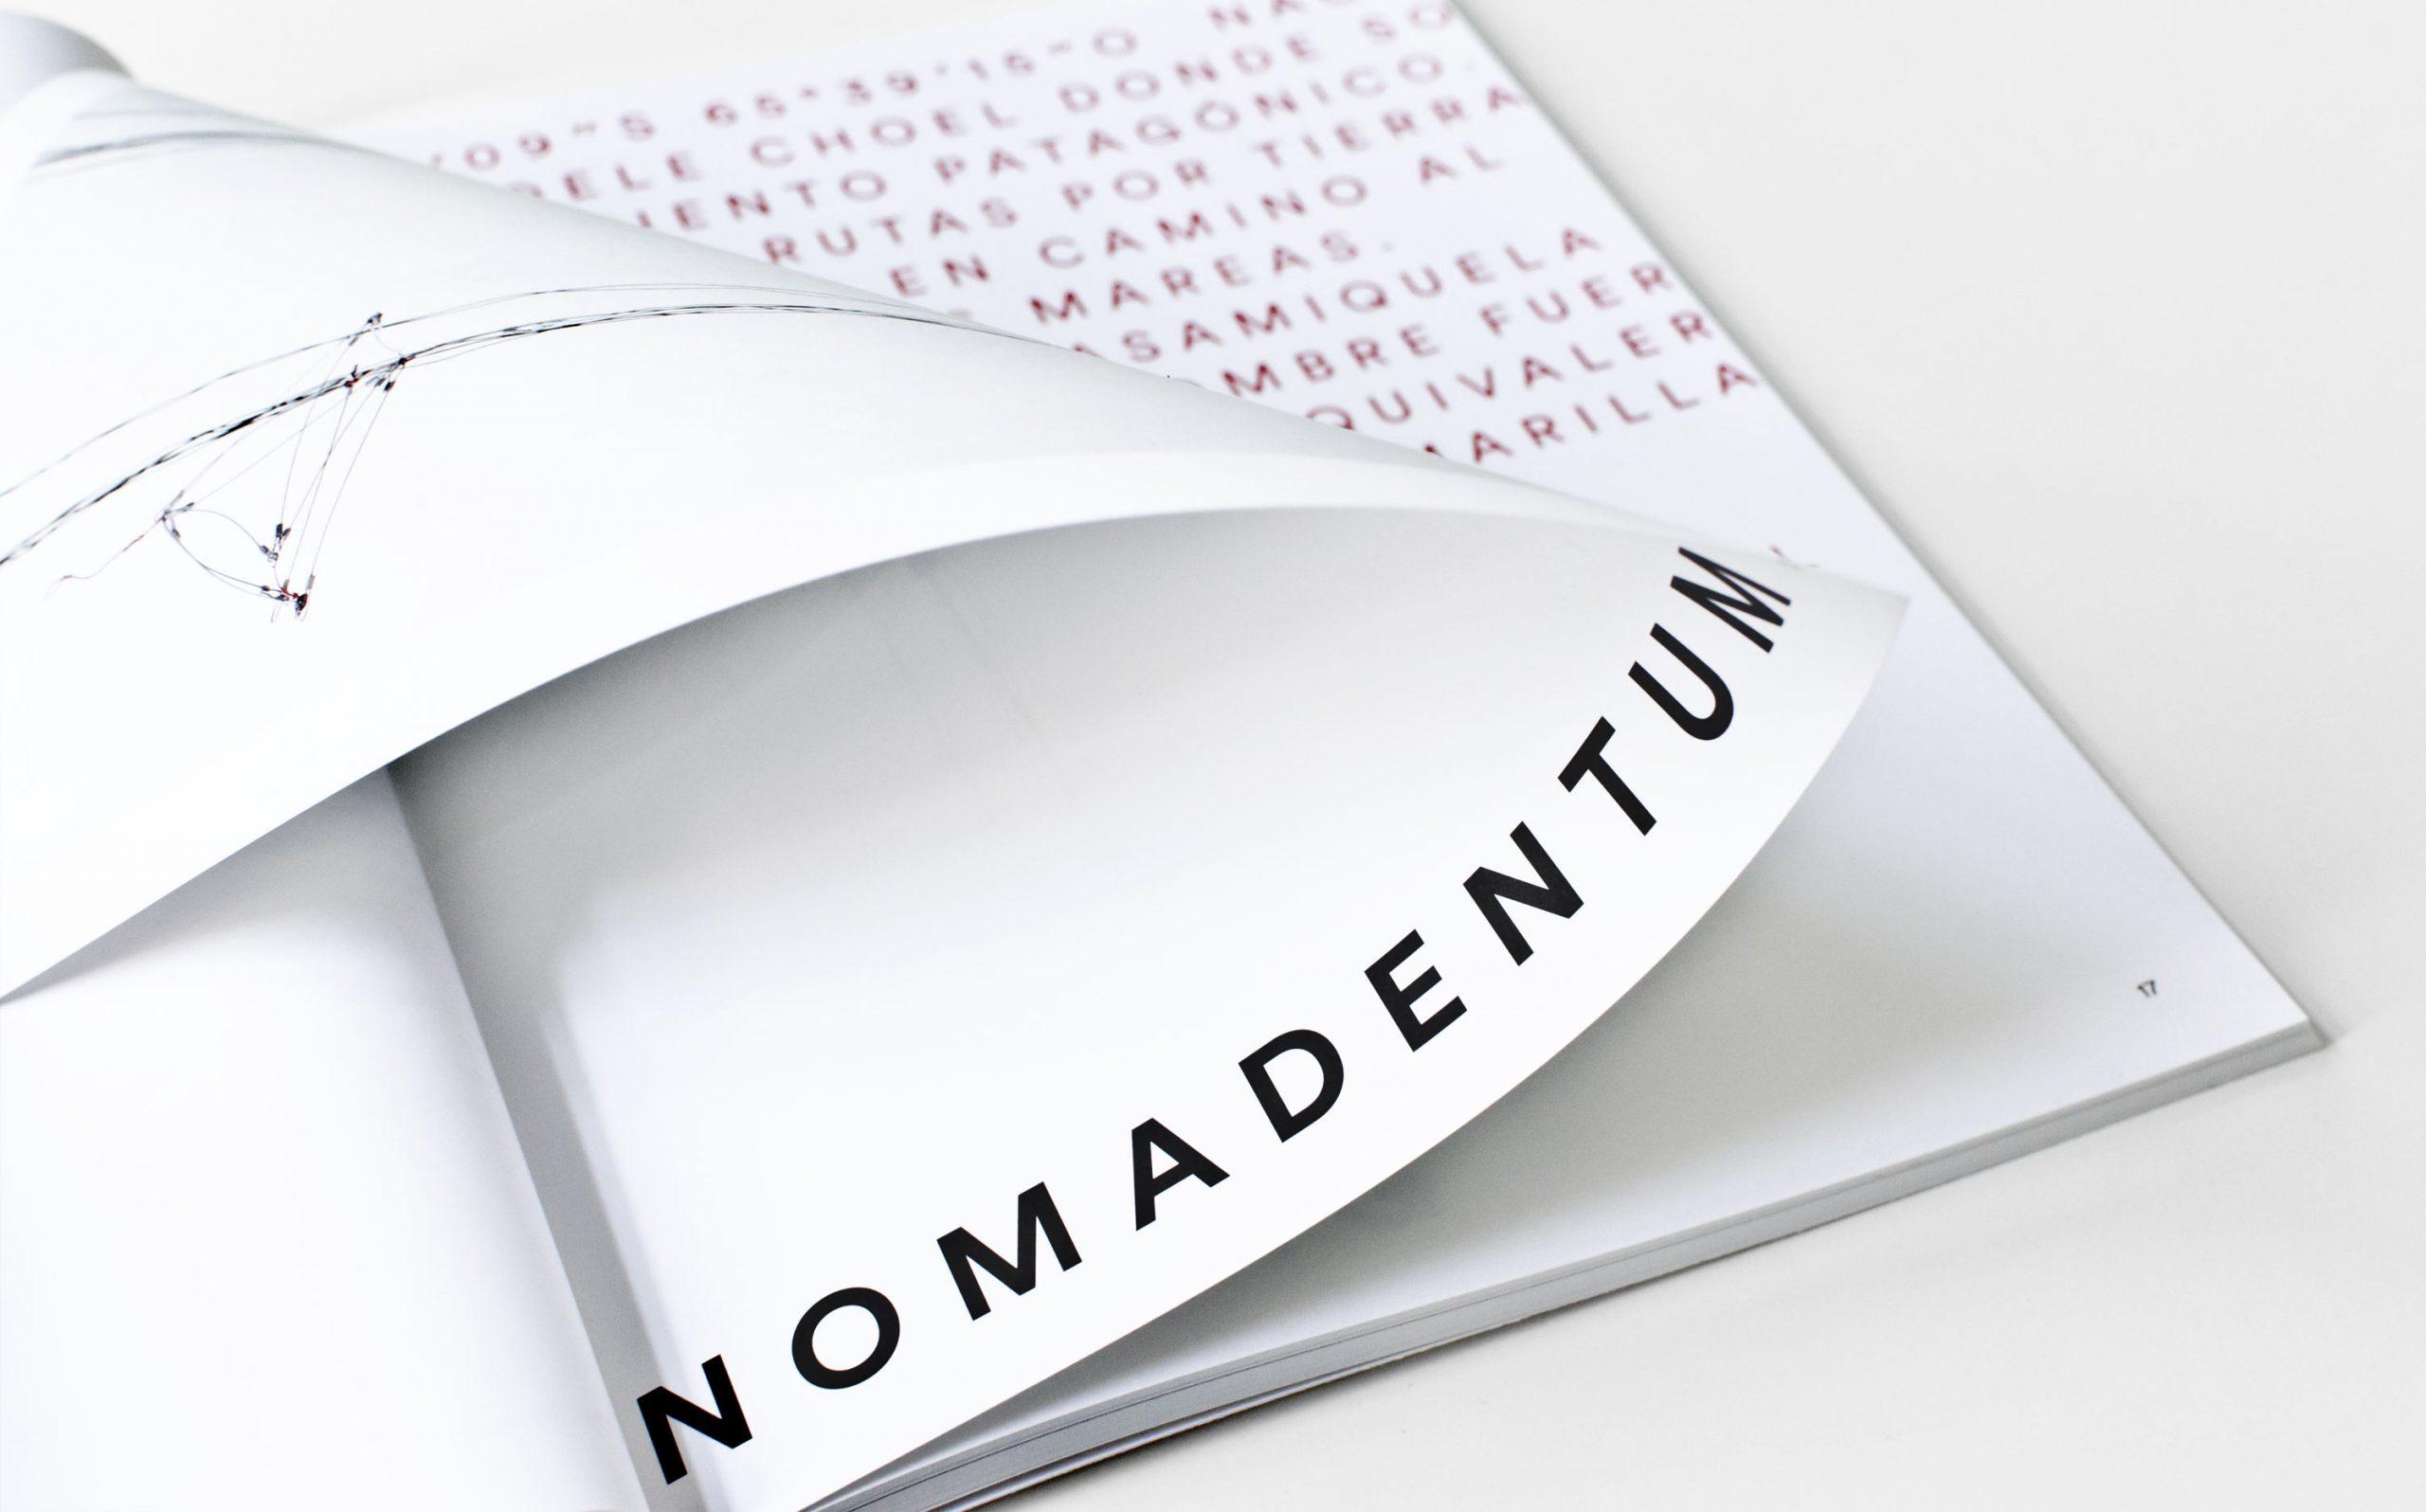 Detail aus Juliana Herrero – REM 1:1 | Werktitel groß und Voice Over Typografie auf nächster Doppelseite, umgeschlagene Seite | Keywords: Editorial Design, Artist Book, Künstlerbuch, Buchgestaltung, Grafikdesign, Design, Typografie